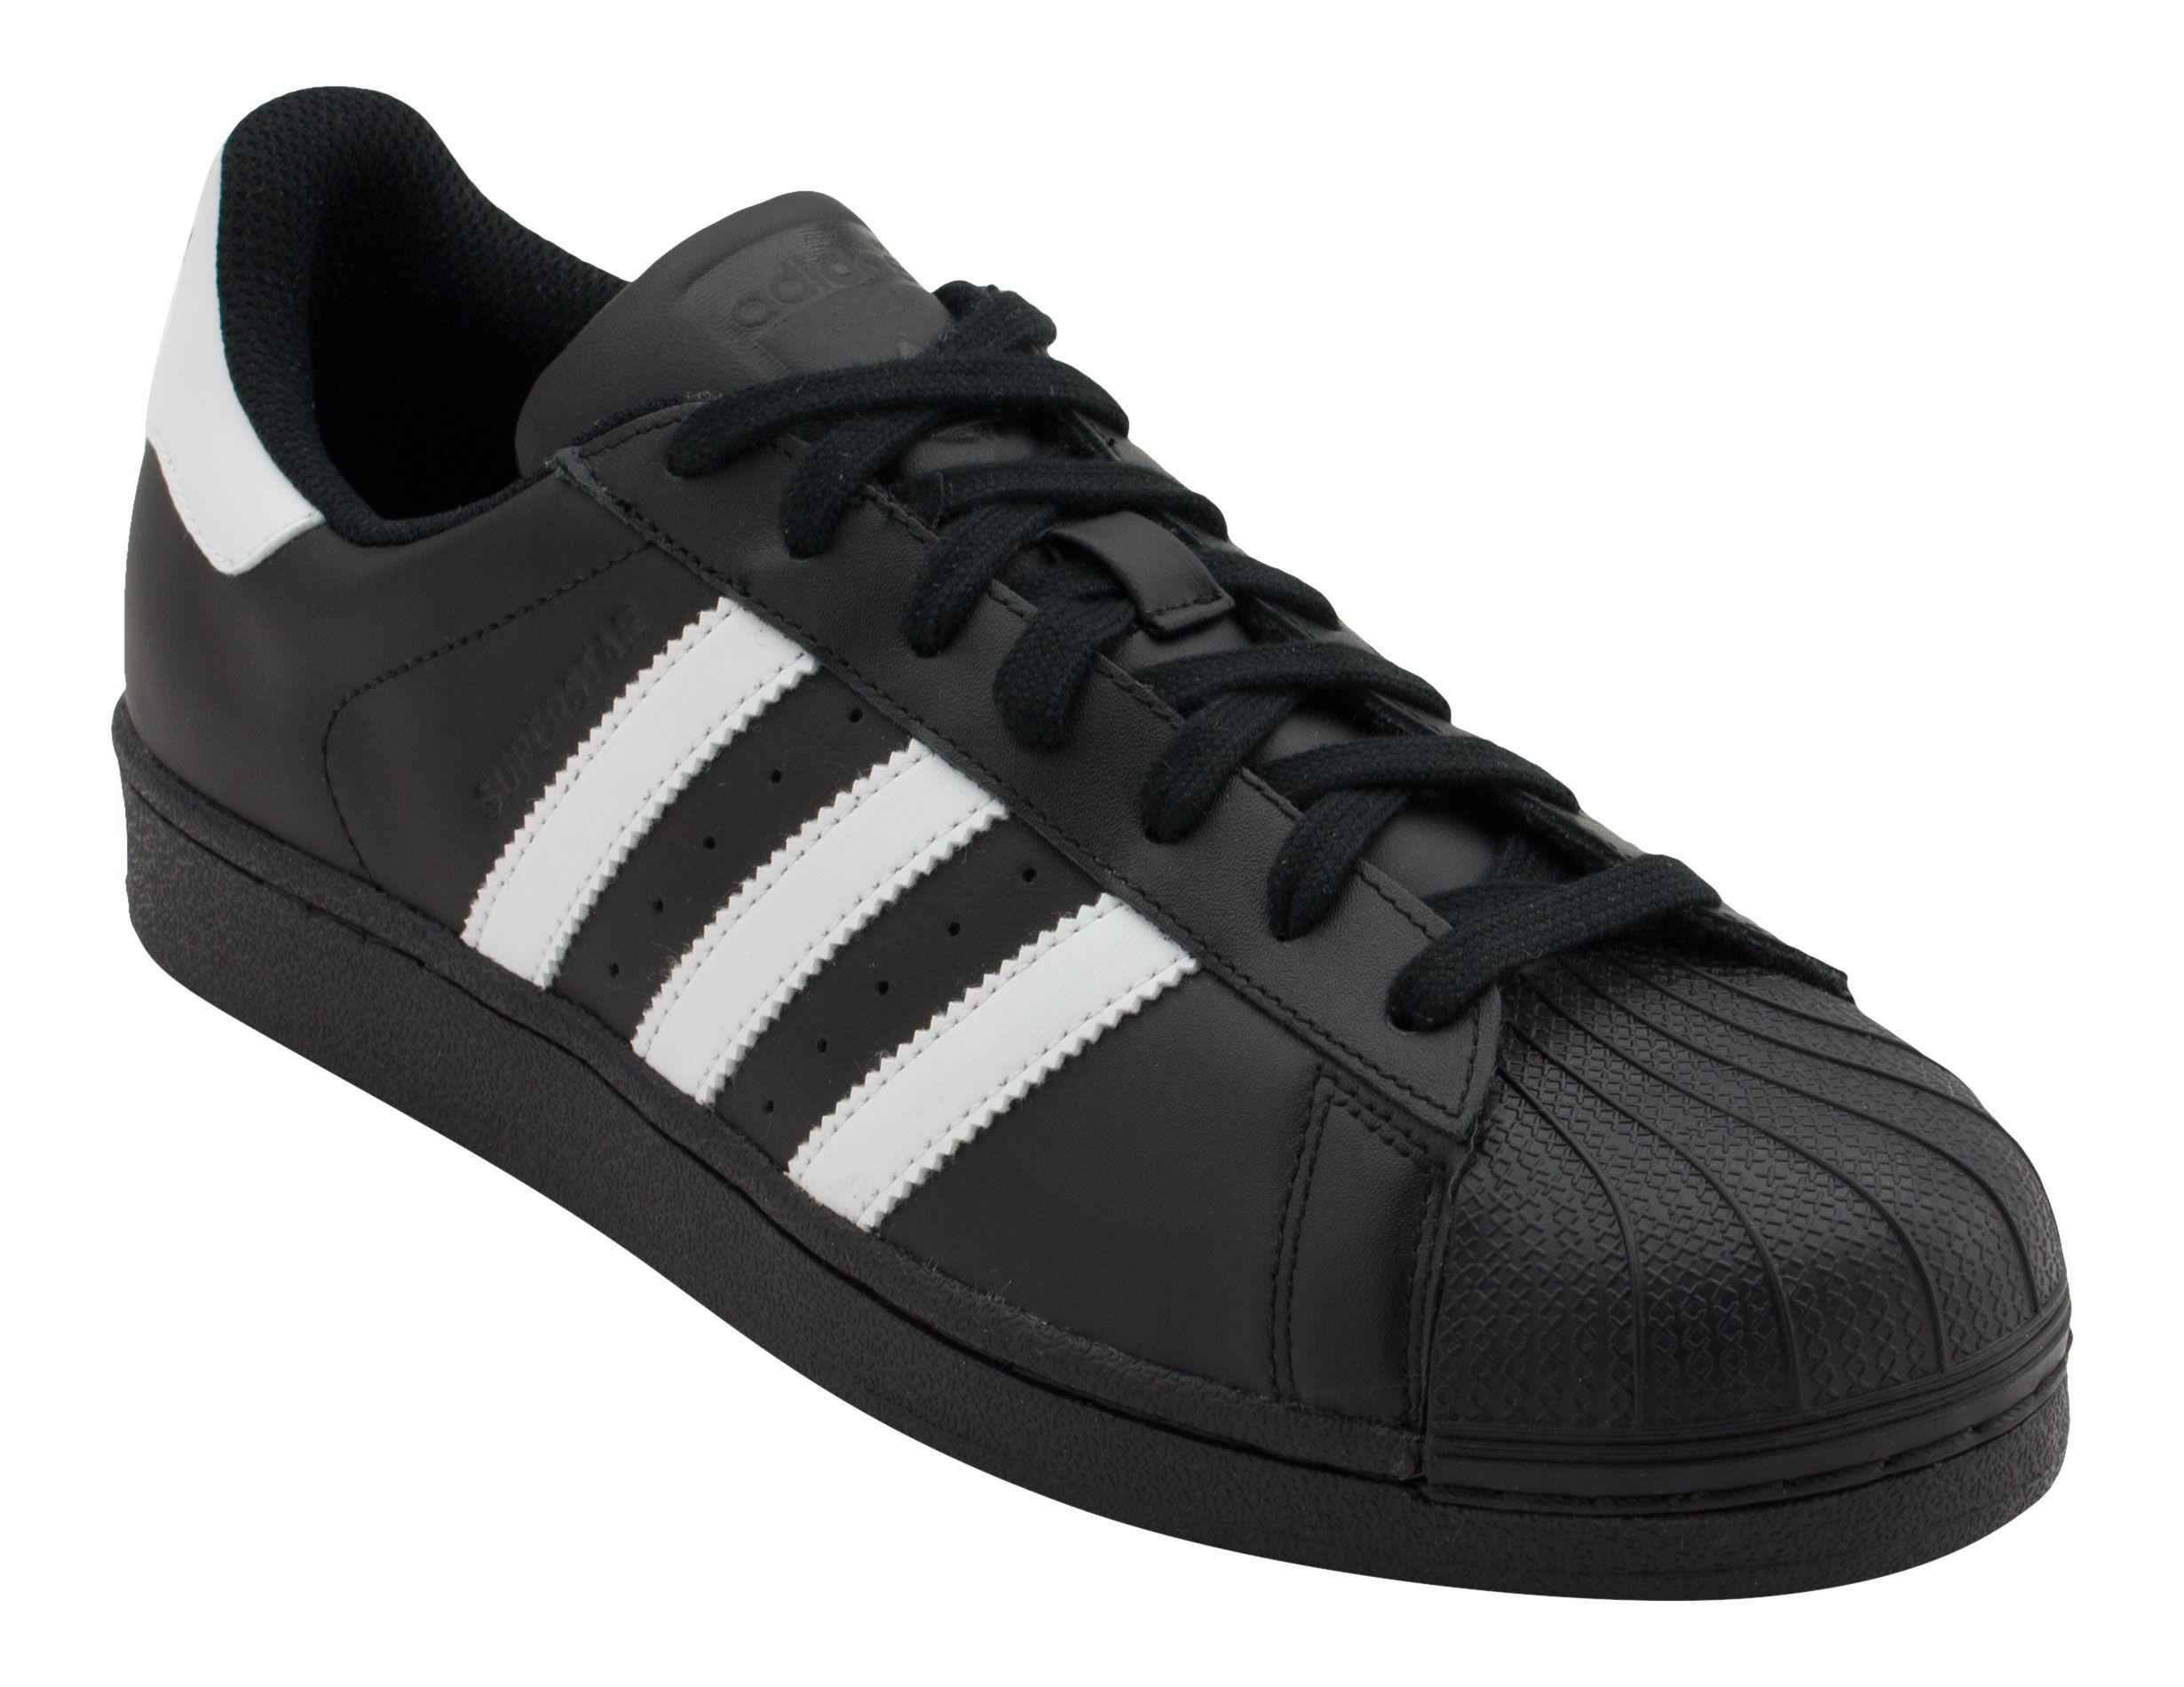 adidas superstar fondazione tamanhos: scarpe da ginnastica.